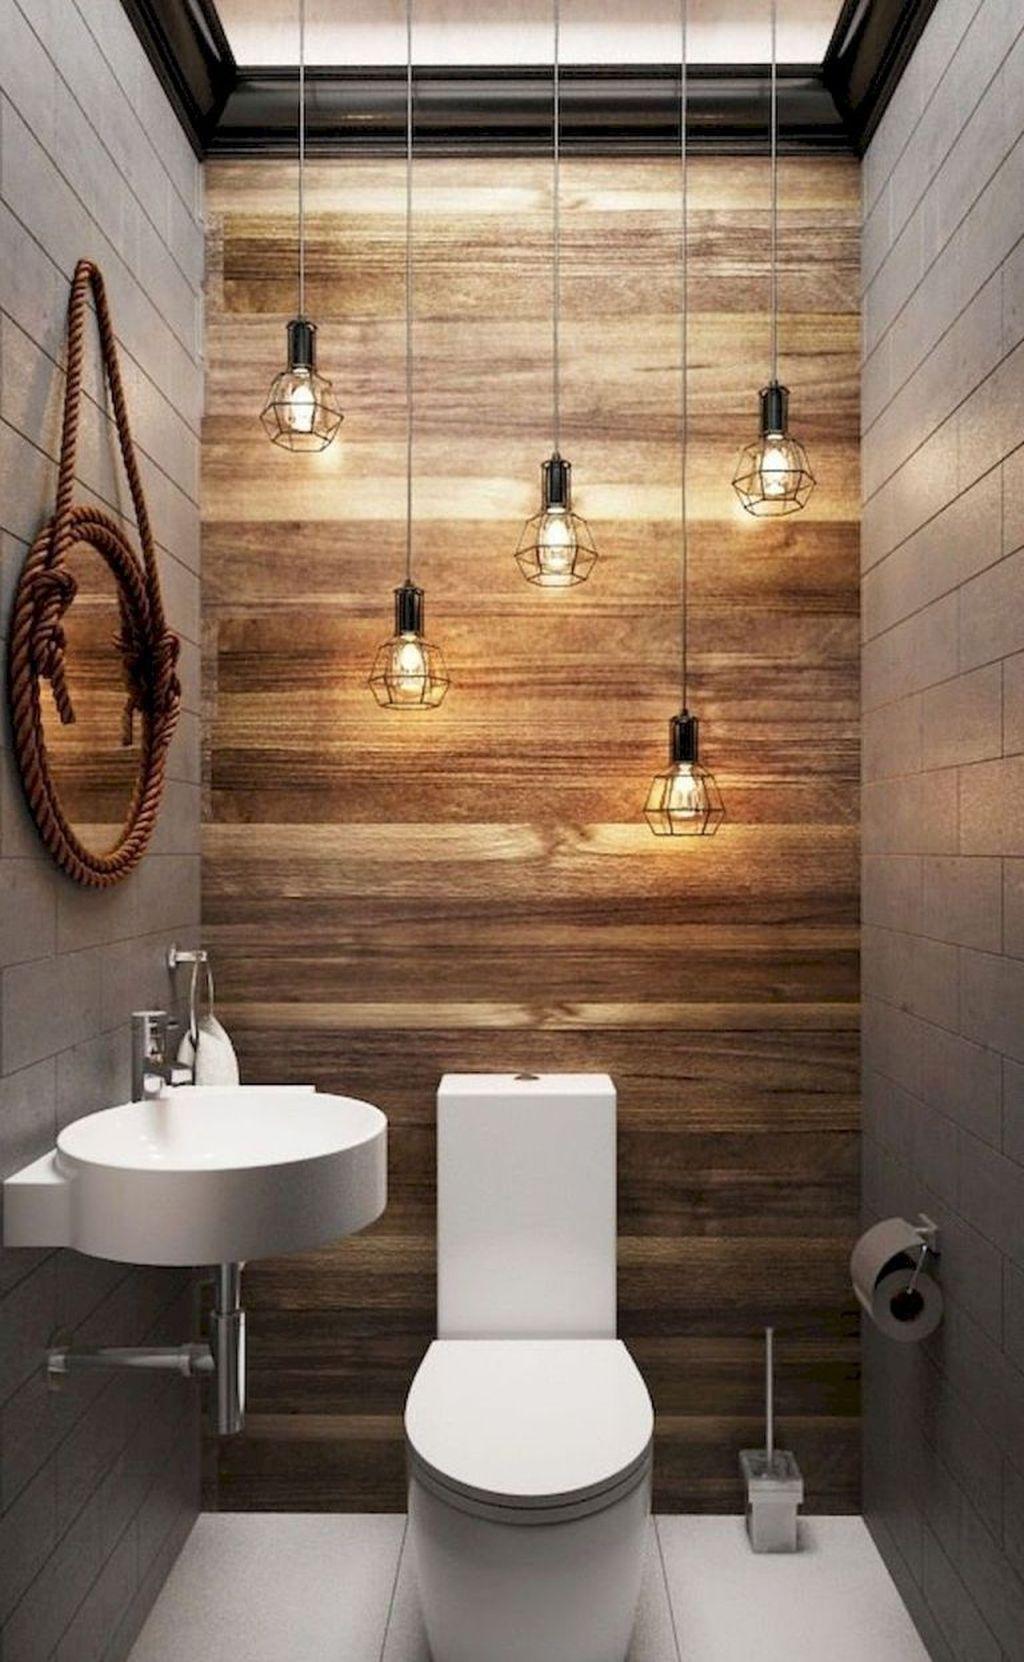 3 Classy Small Bathroom Ideas  Small bathroom remodel, Bathroom